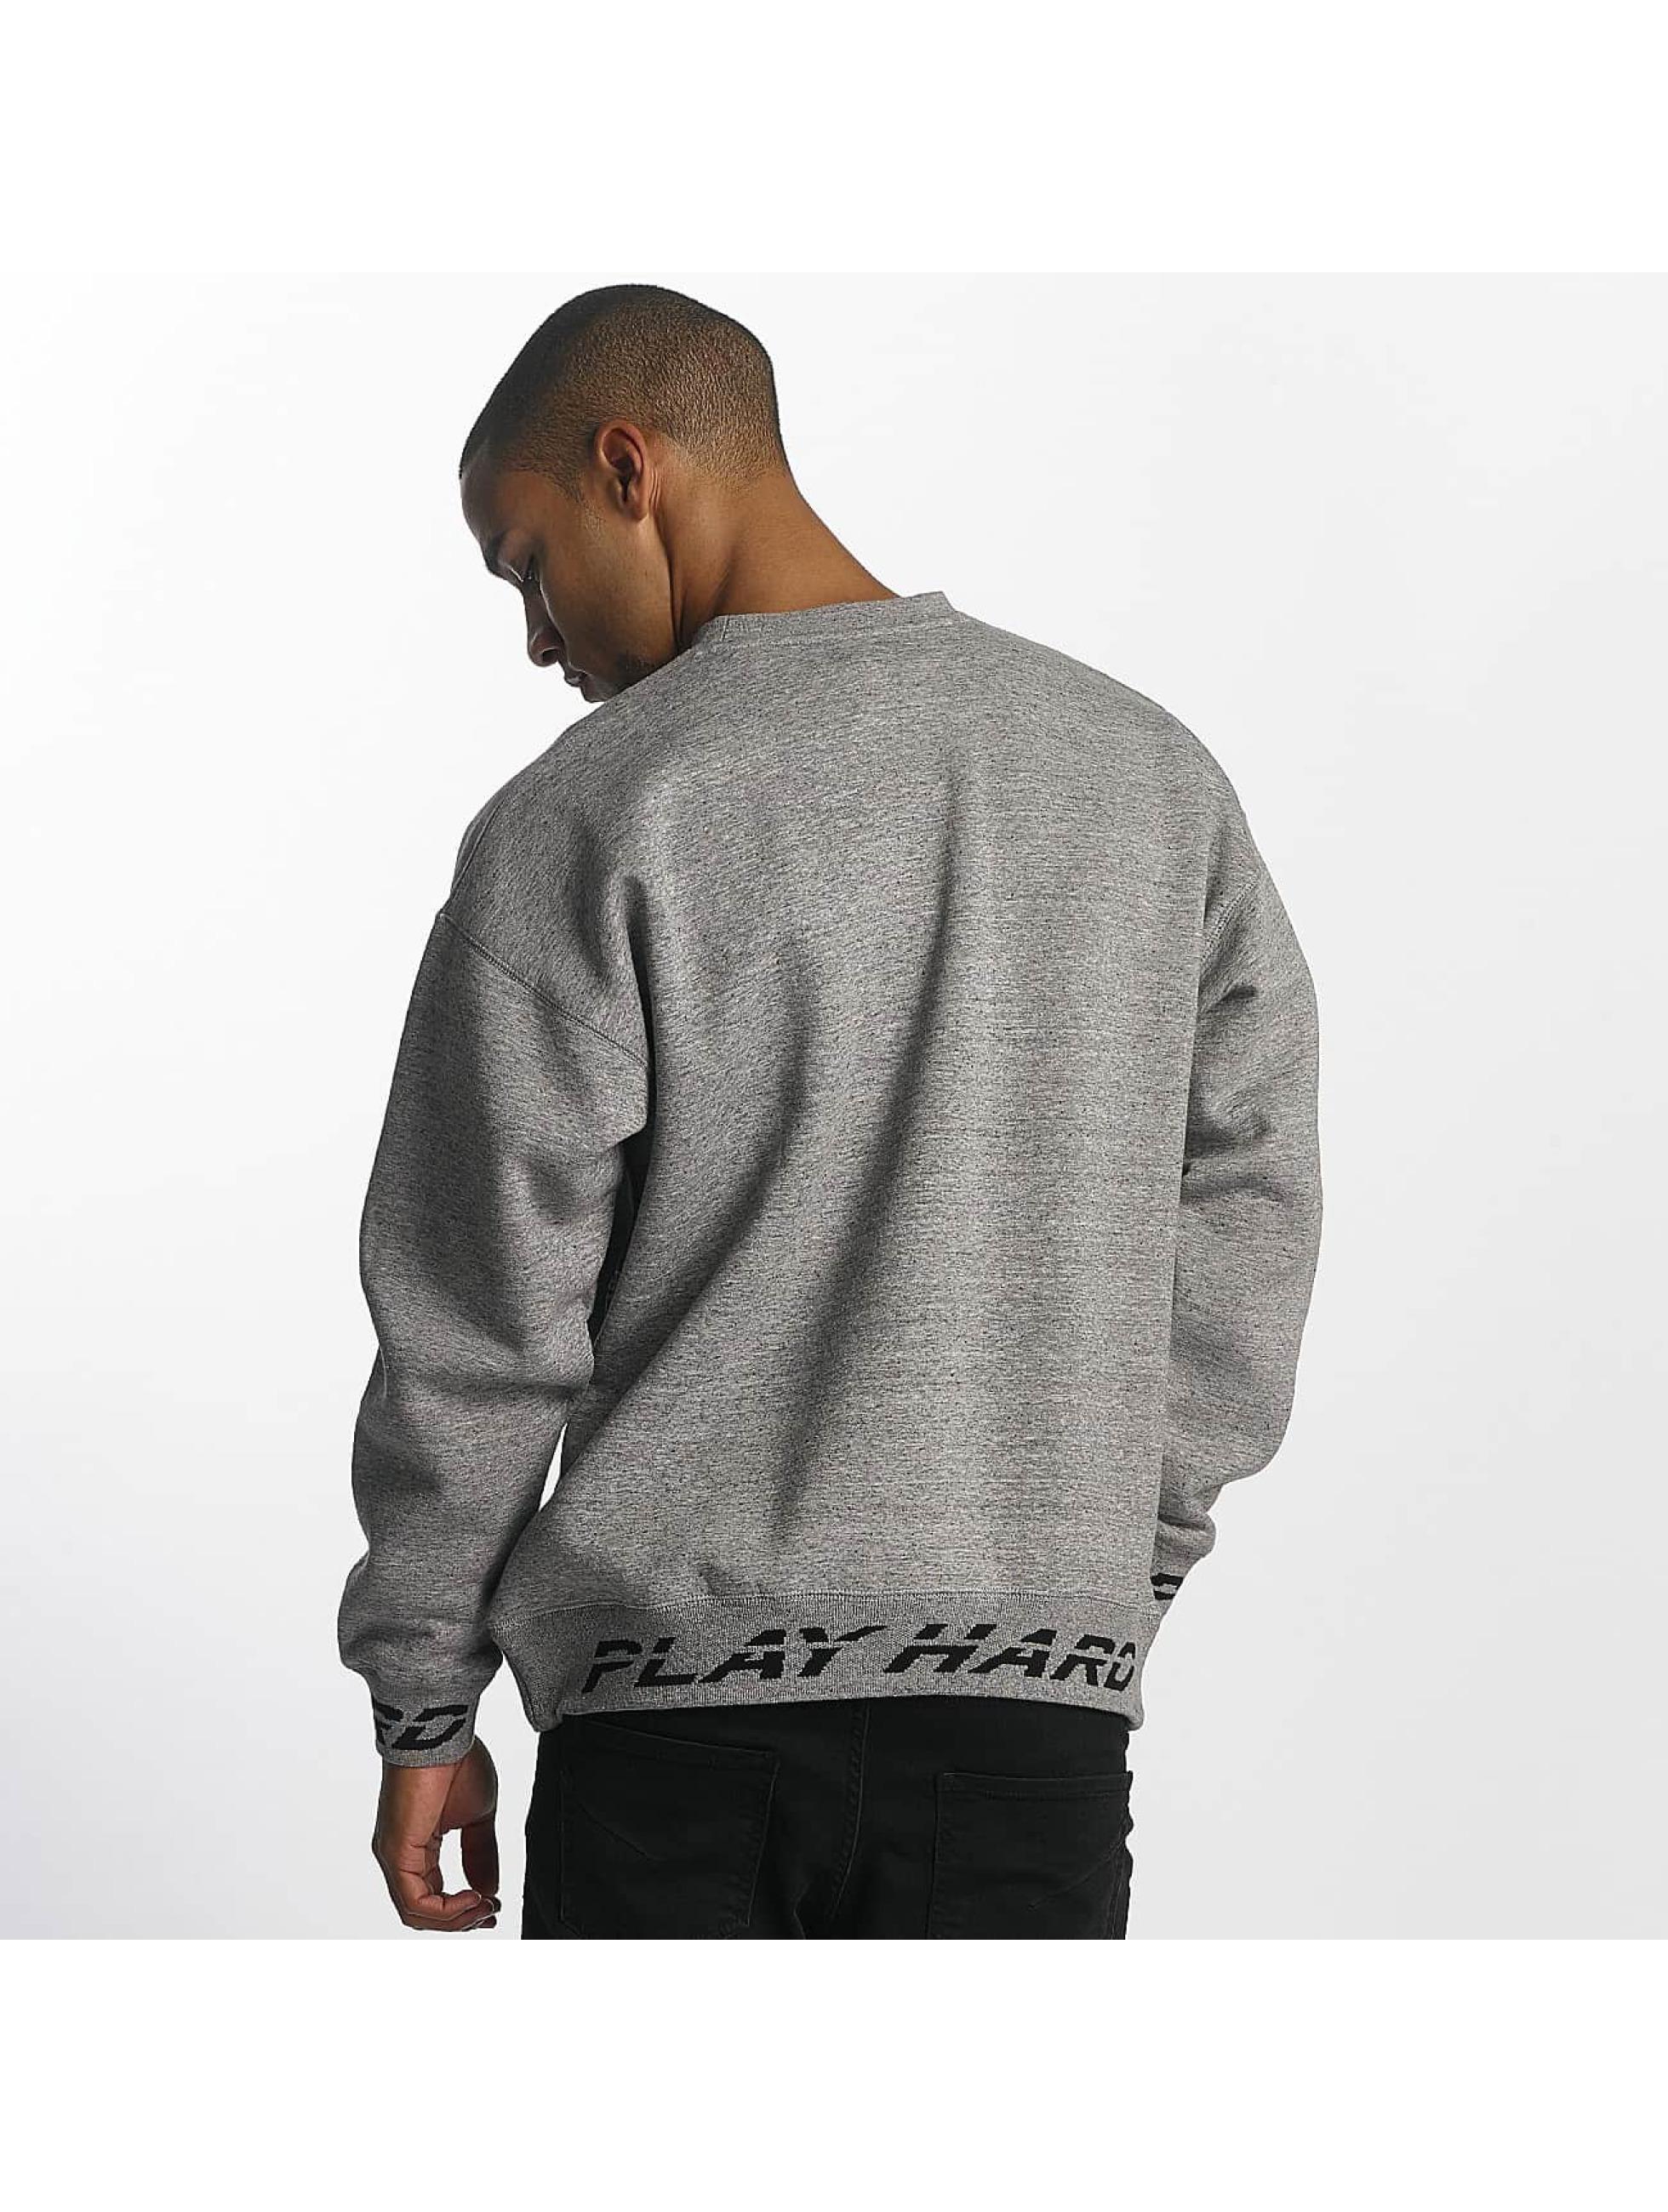 K1X Pullover PH gray